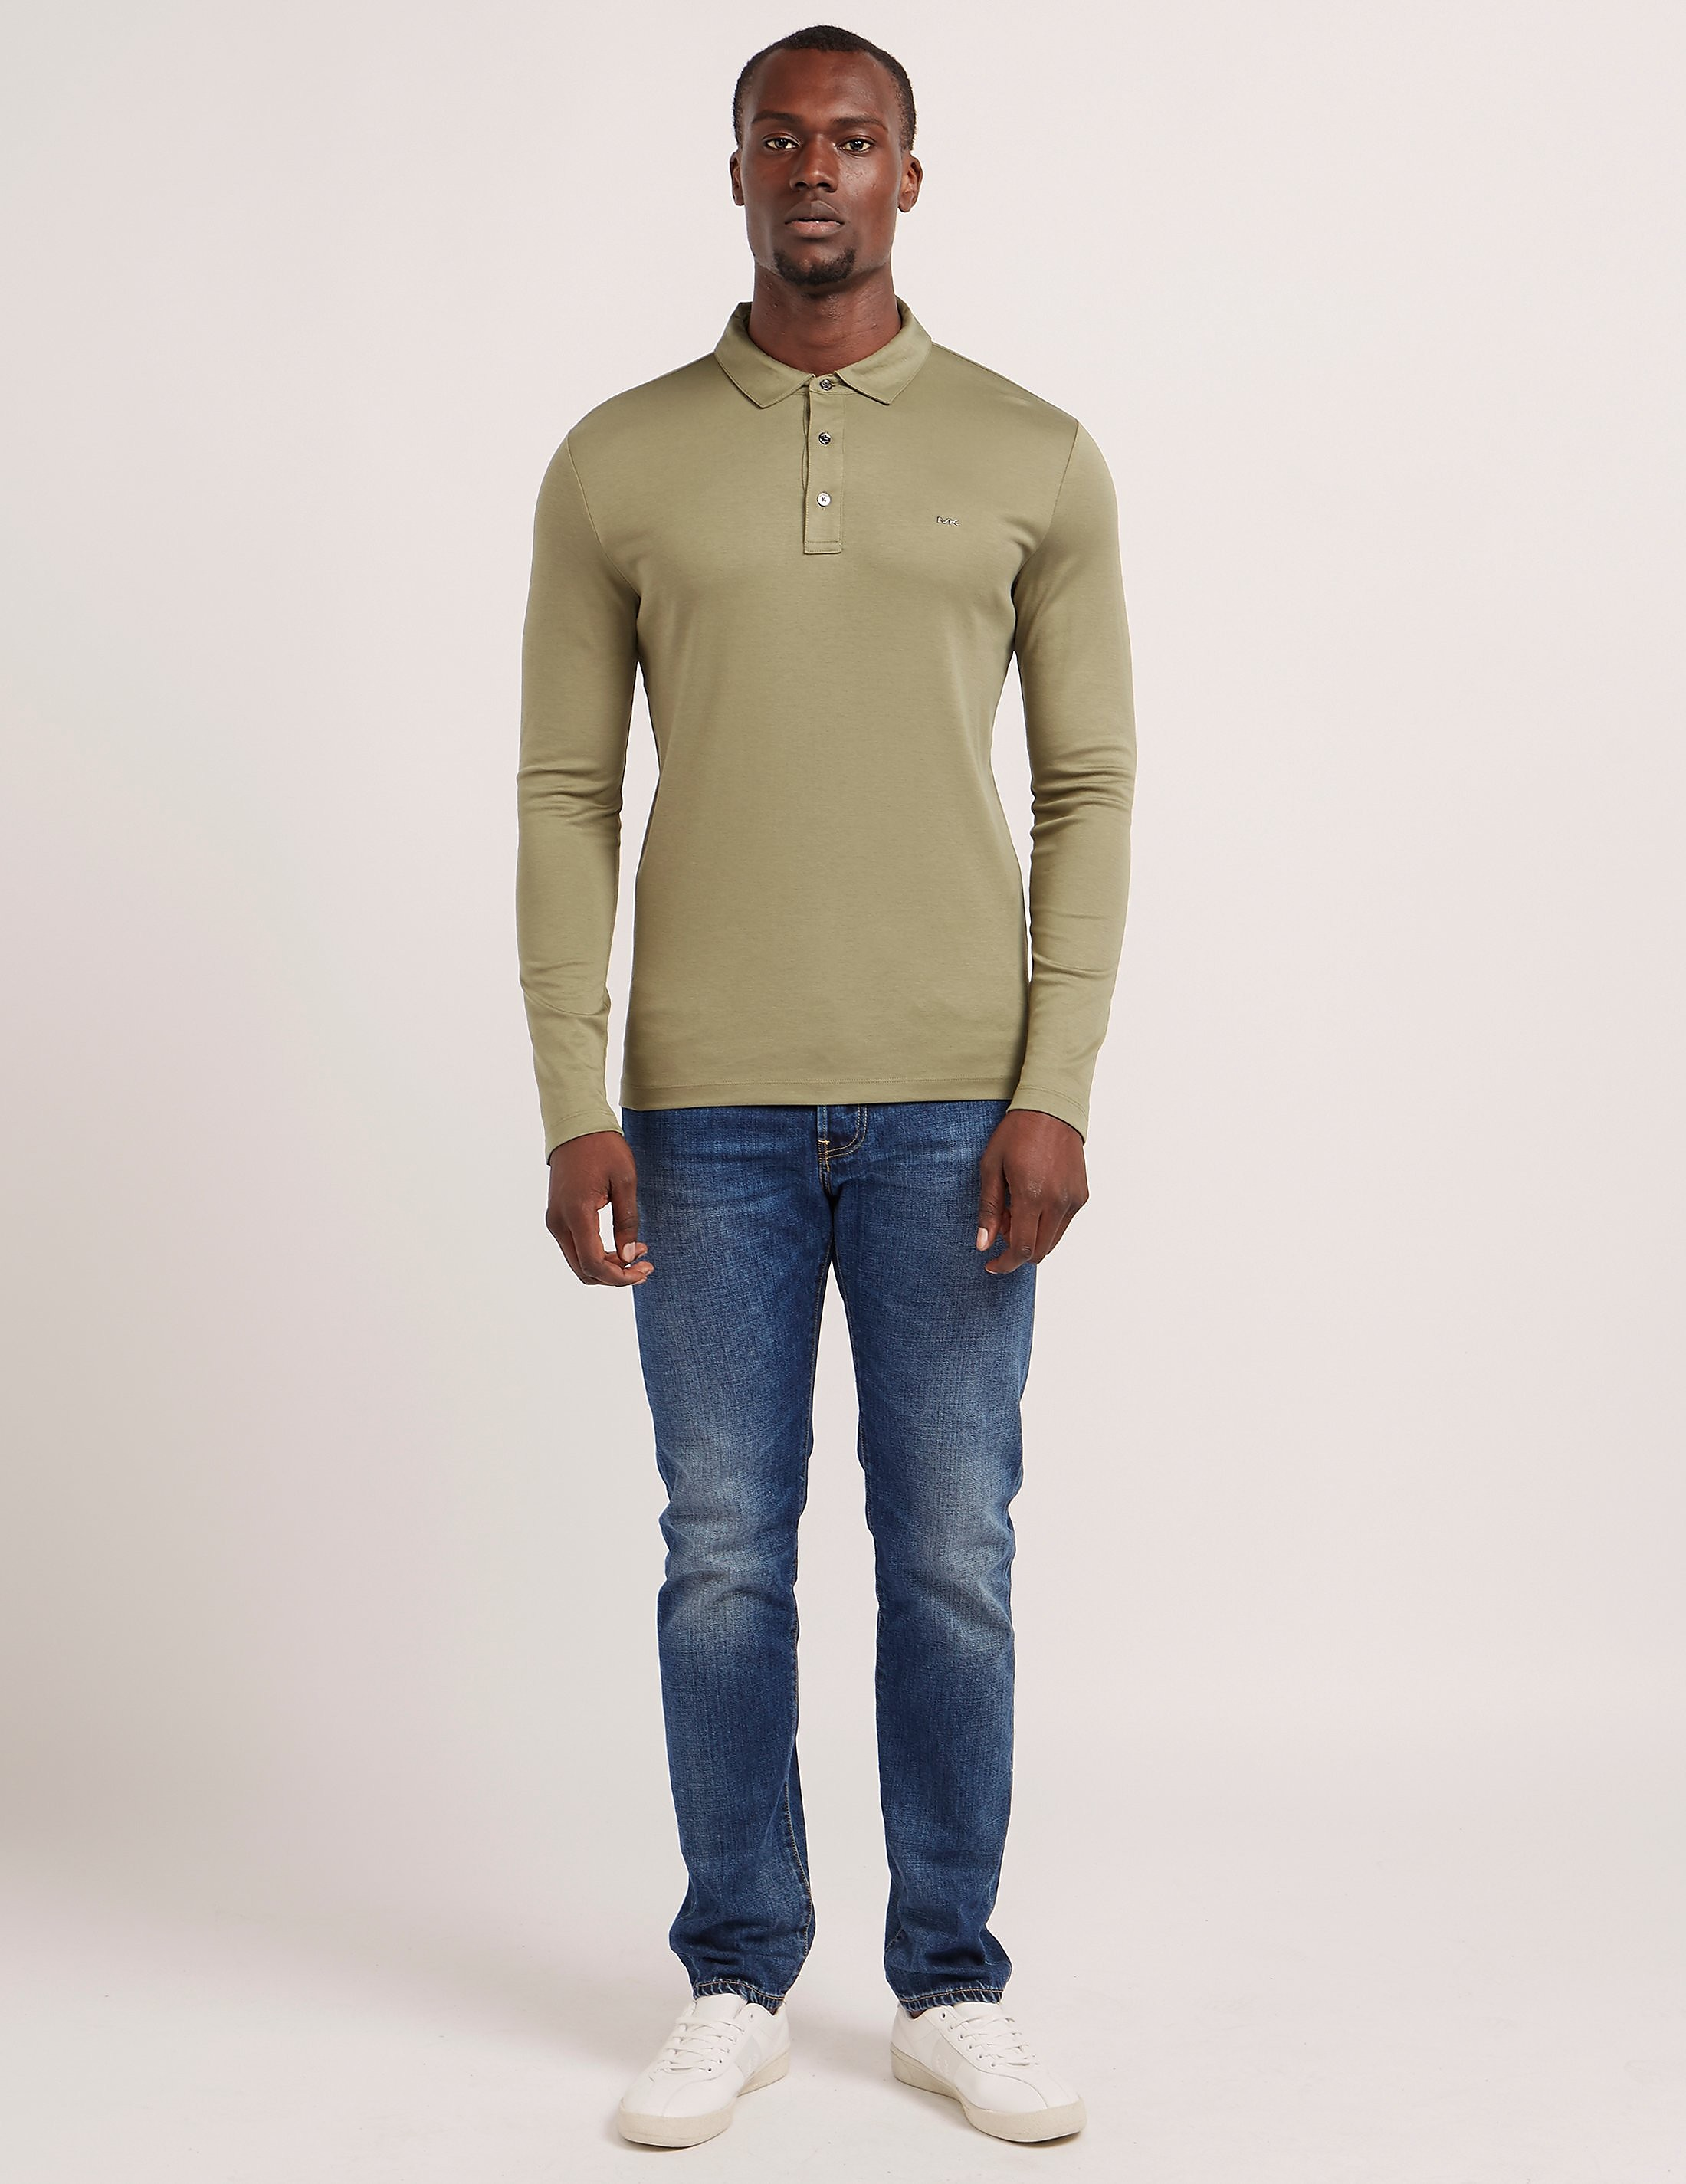 Michael Kors Sleek Long Sleeve Polo Shirt